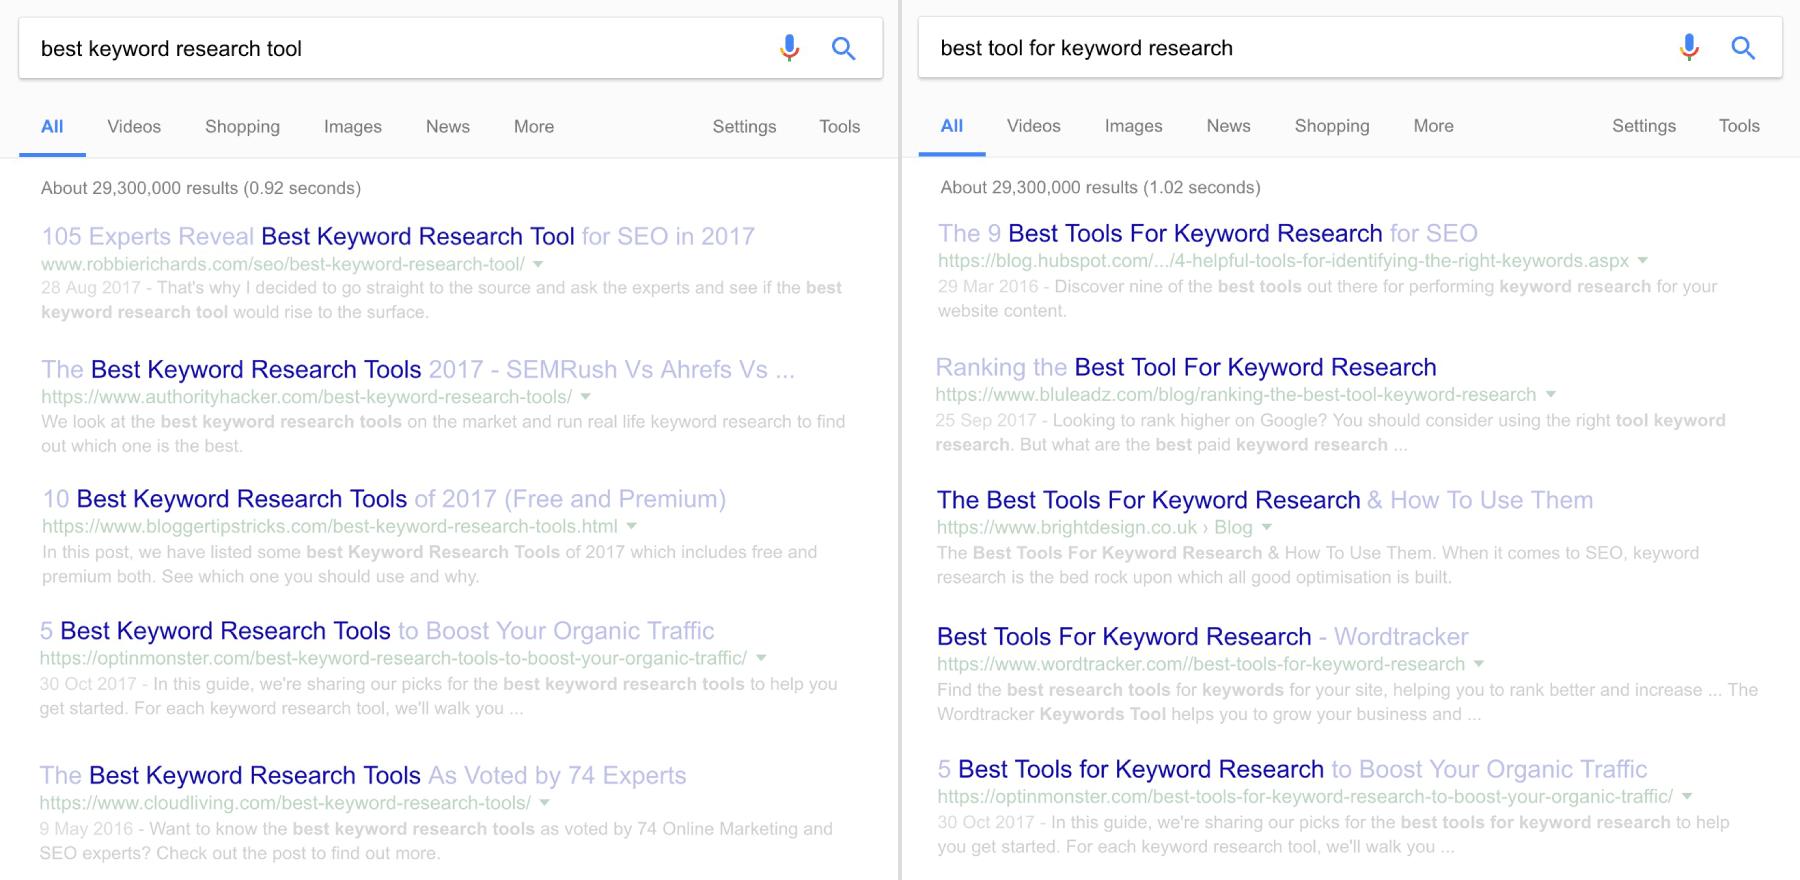 بهترین ابزار تحقیق کلمه کلیدی